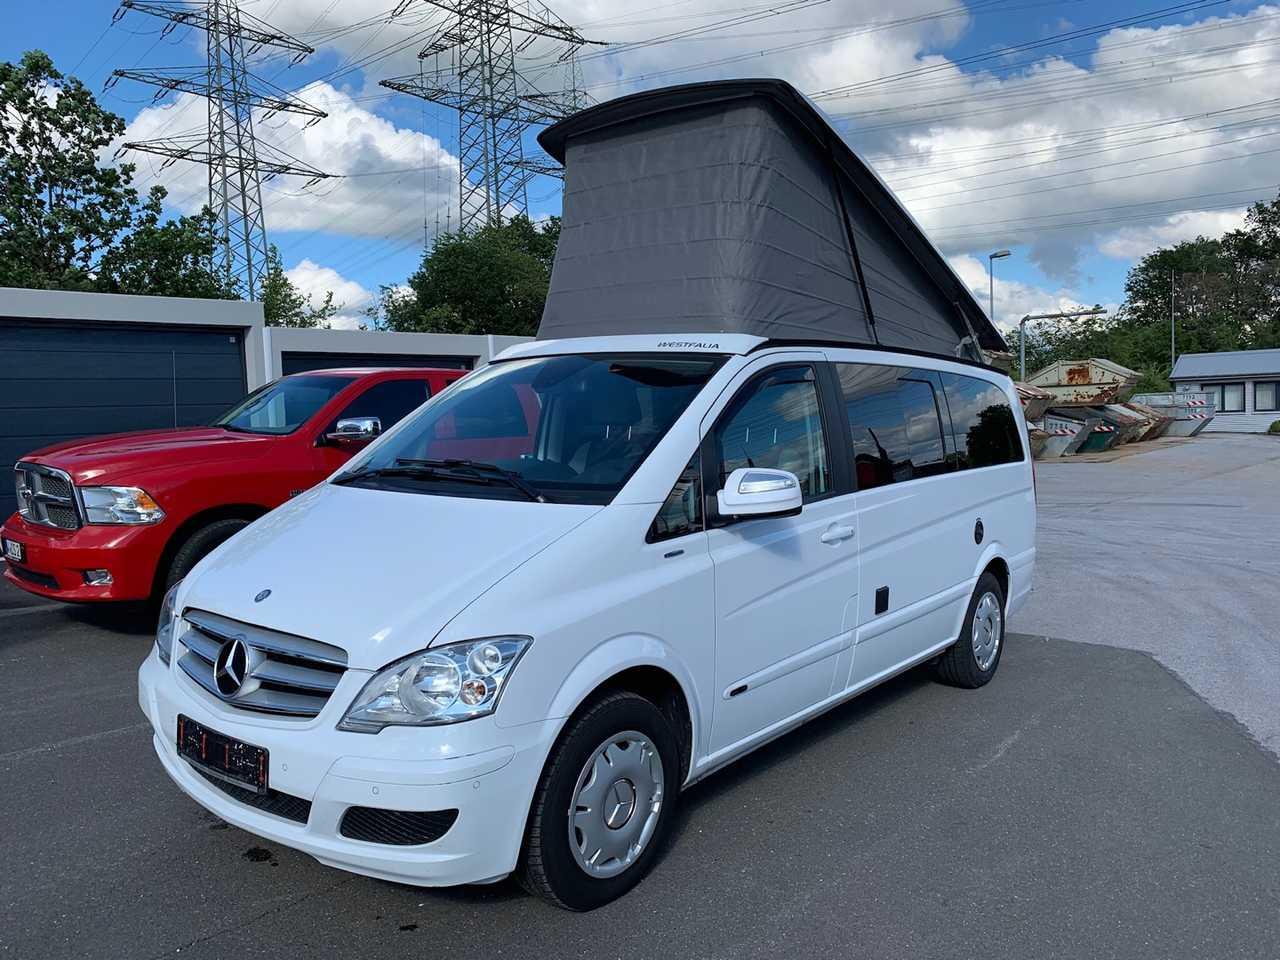 Mercedes Viano Marco Polo 2.2CDI 163cv   - Foto 1